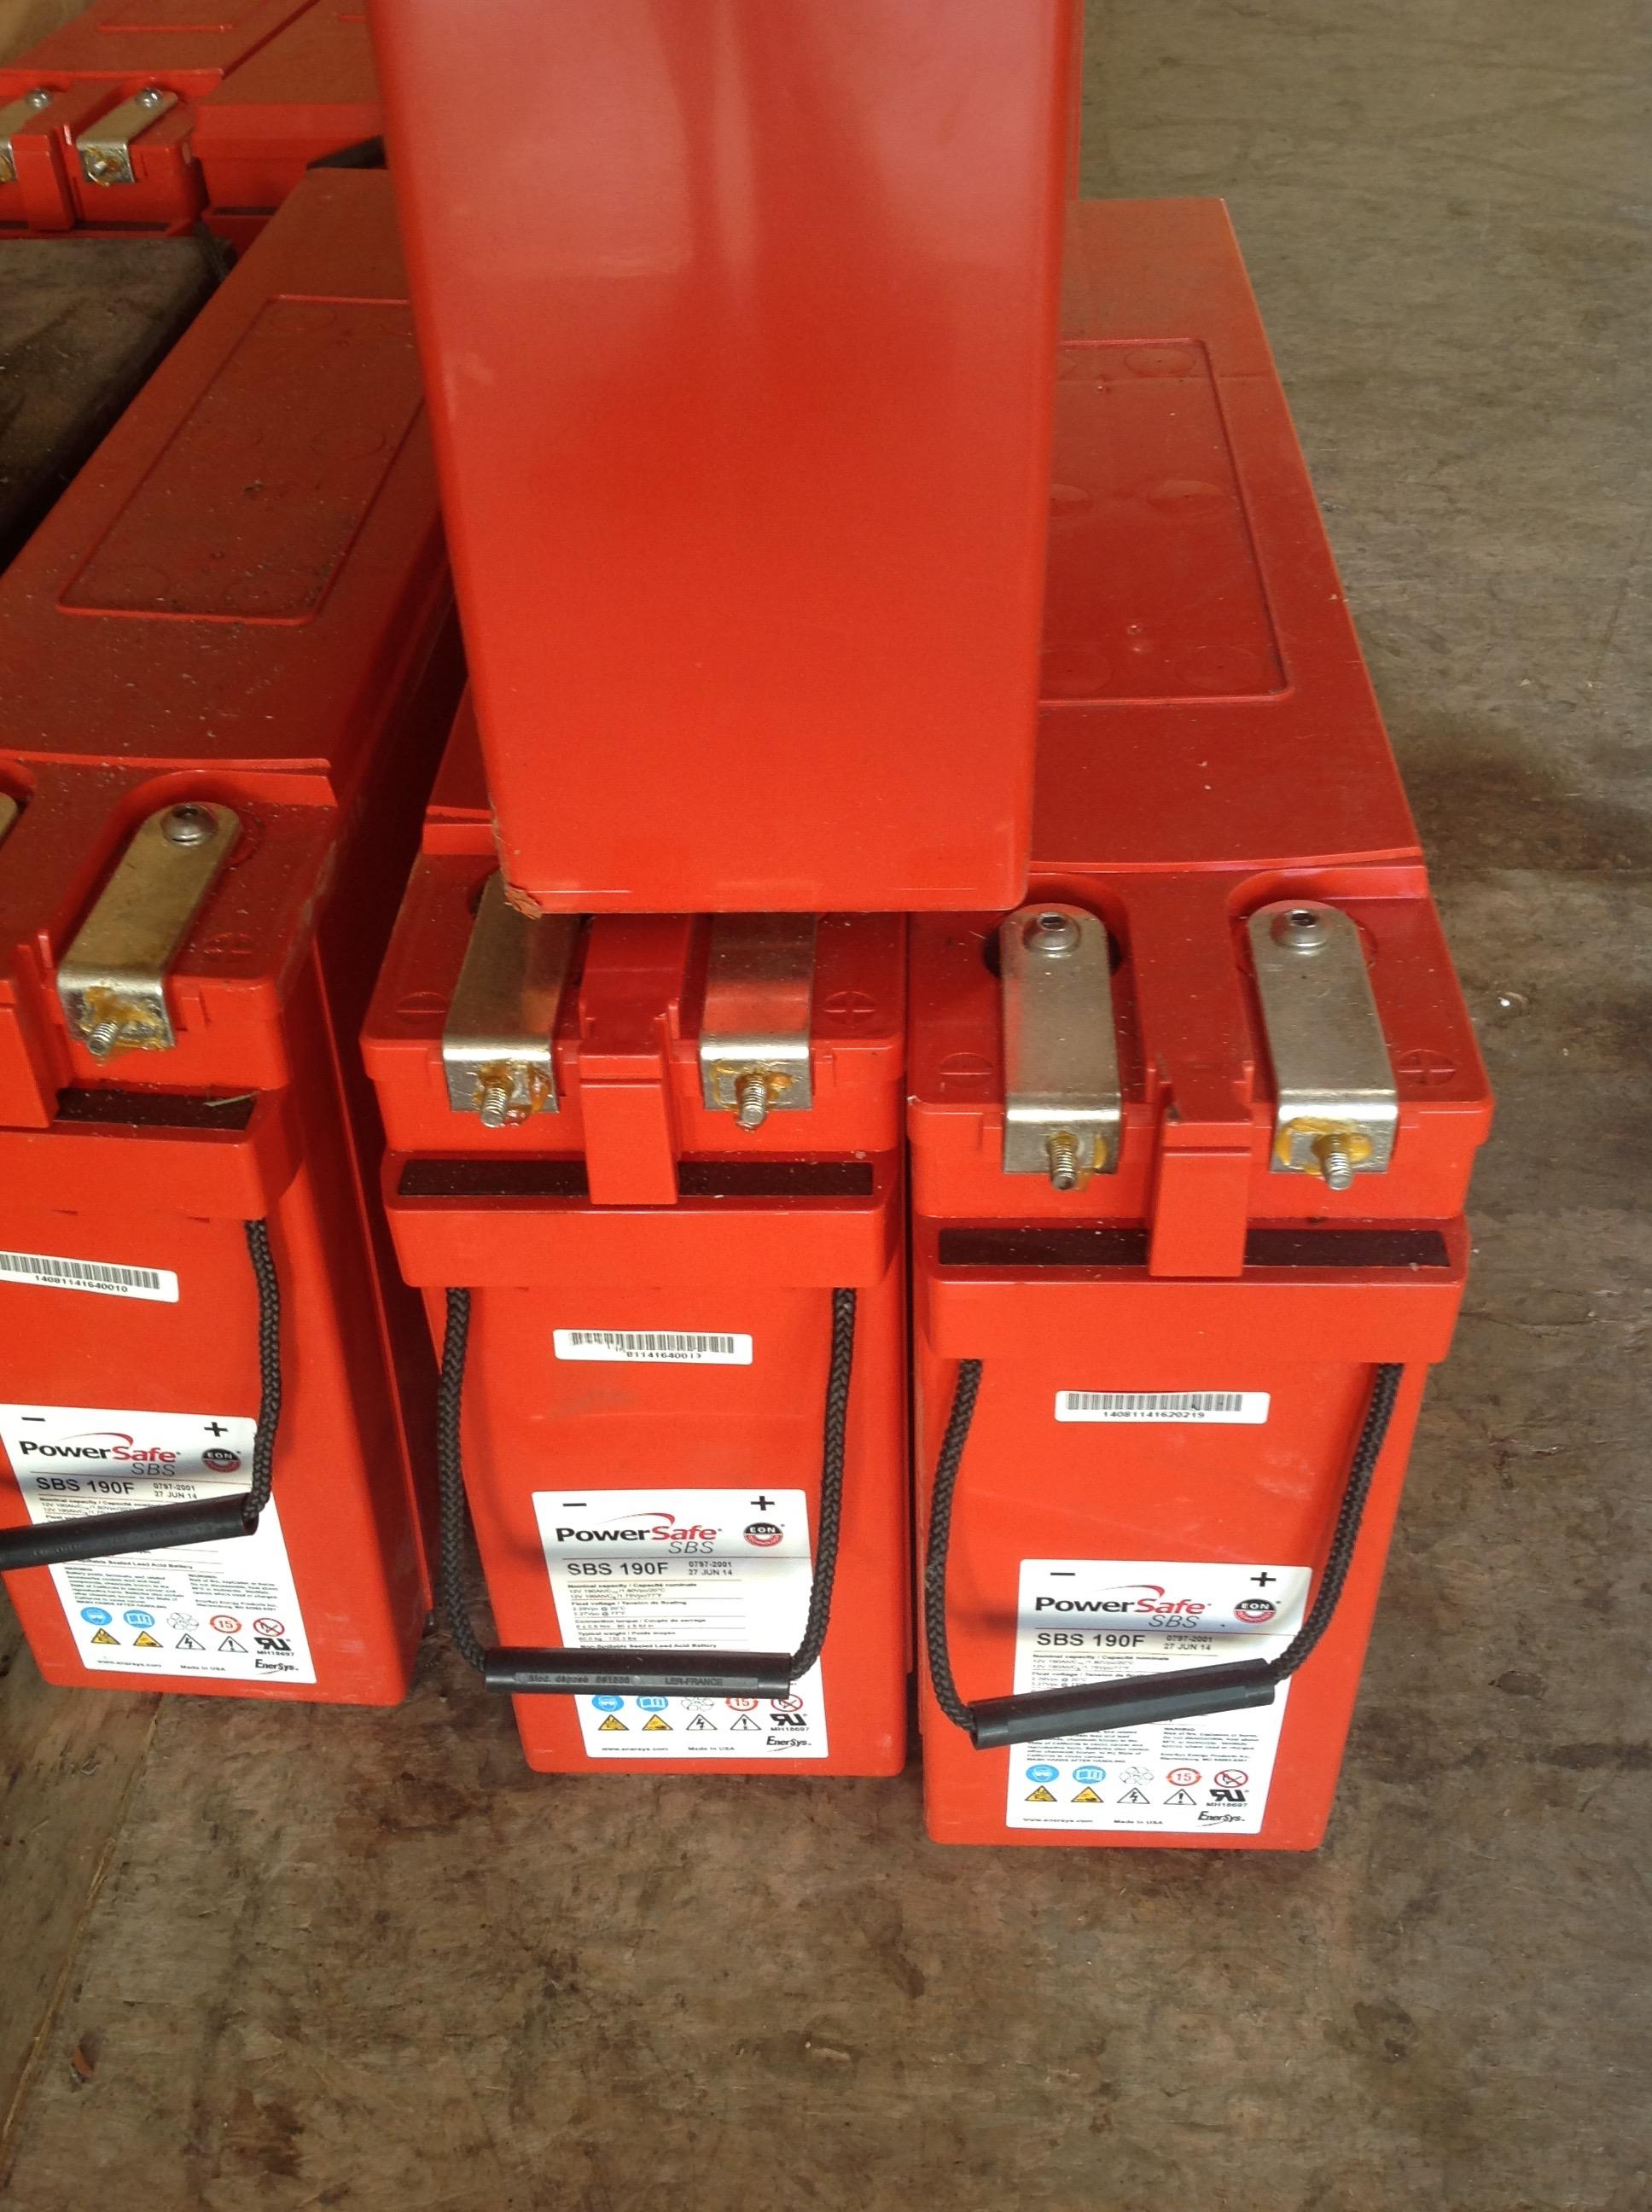 Wireless Classifieds - PowerSafe SBS 190F Batteries